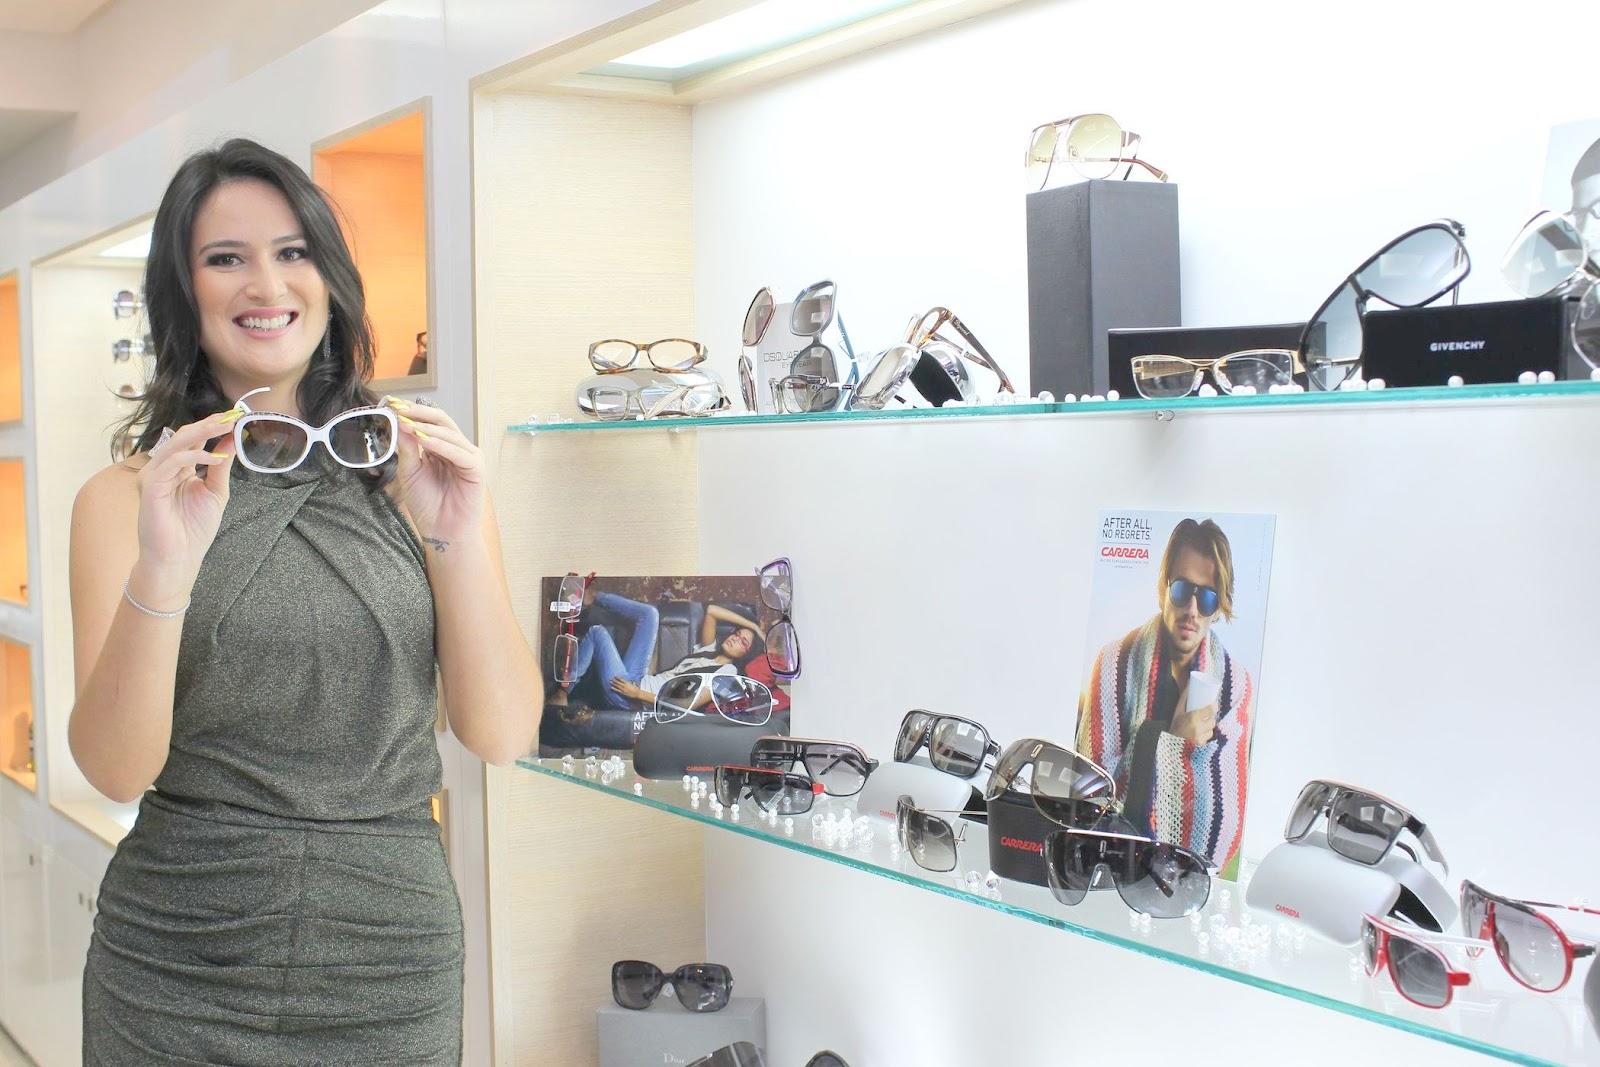 f4fbfda3d A empresária Leila Diniz tem surpreendido como apresentadora de TV. No  programa Tendências e Negócios